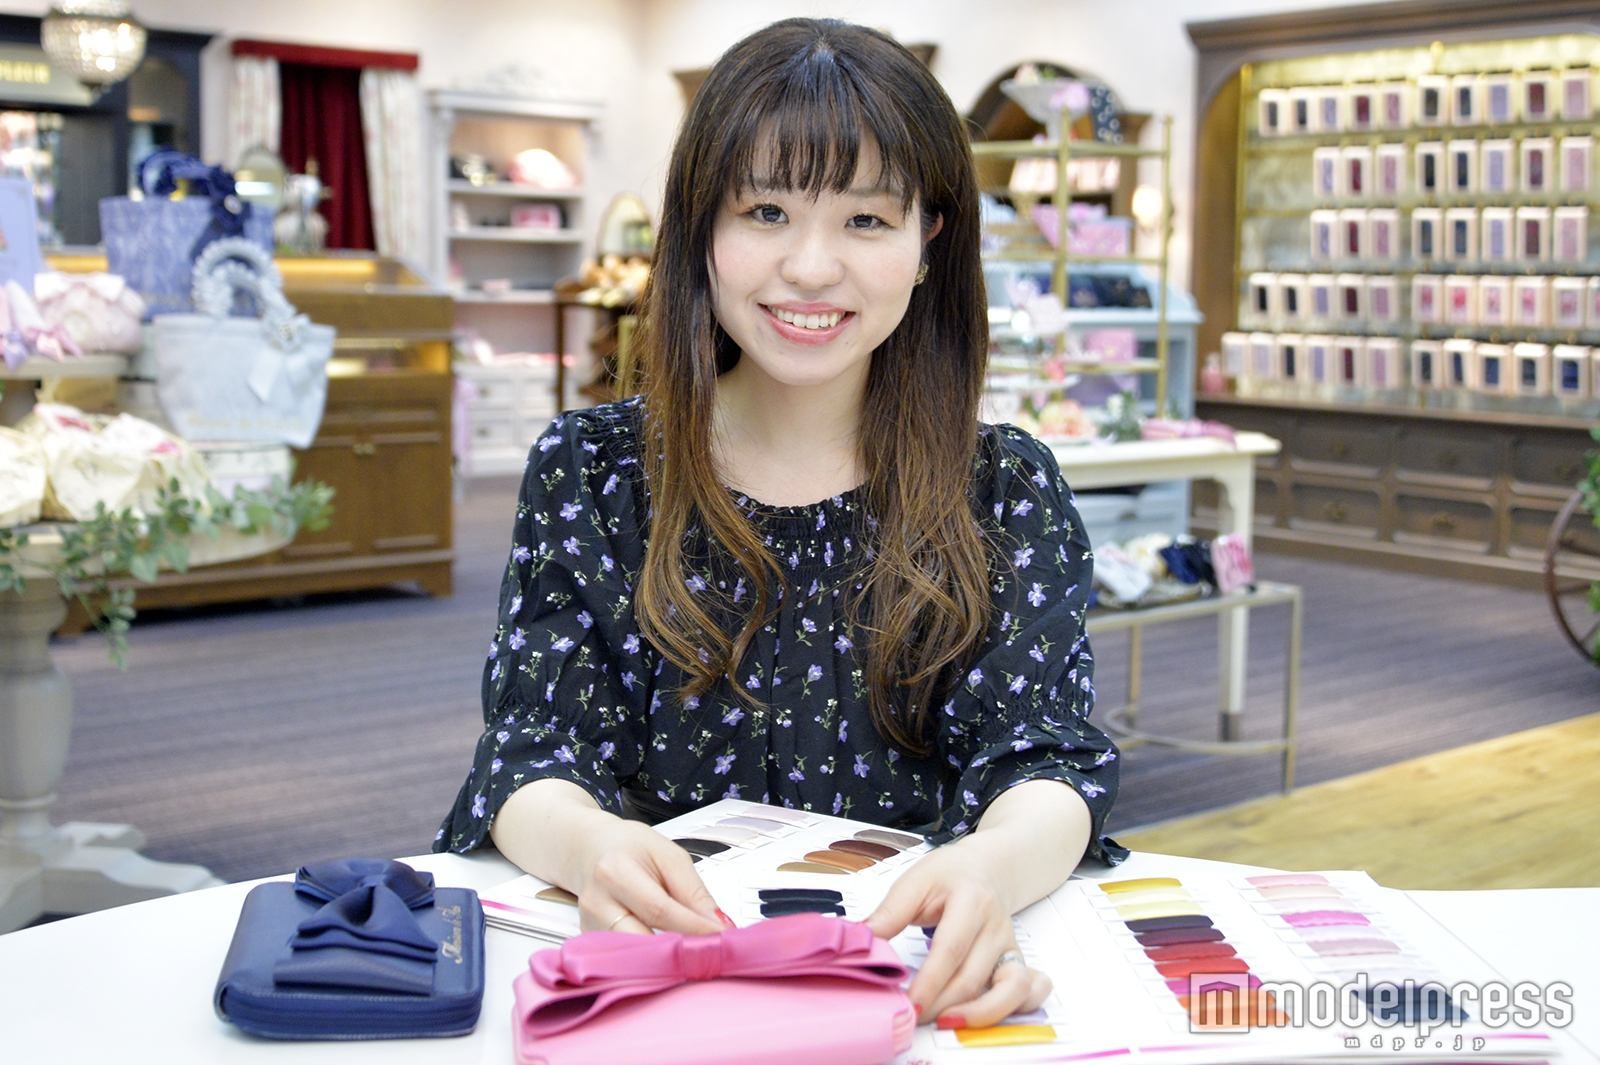 モデルプレスのインタビューに応じた久保田佳奈さん(C)モデルプレス